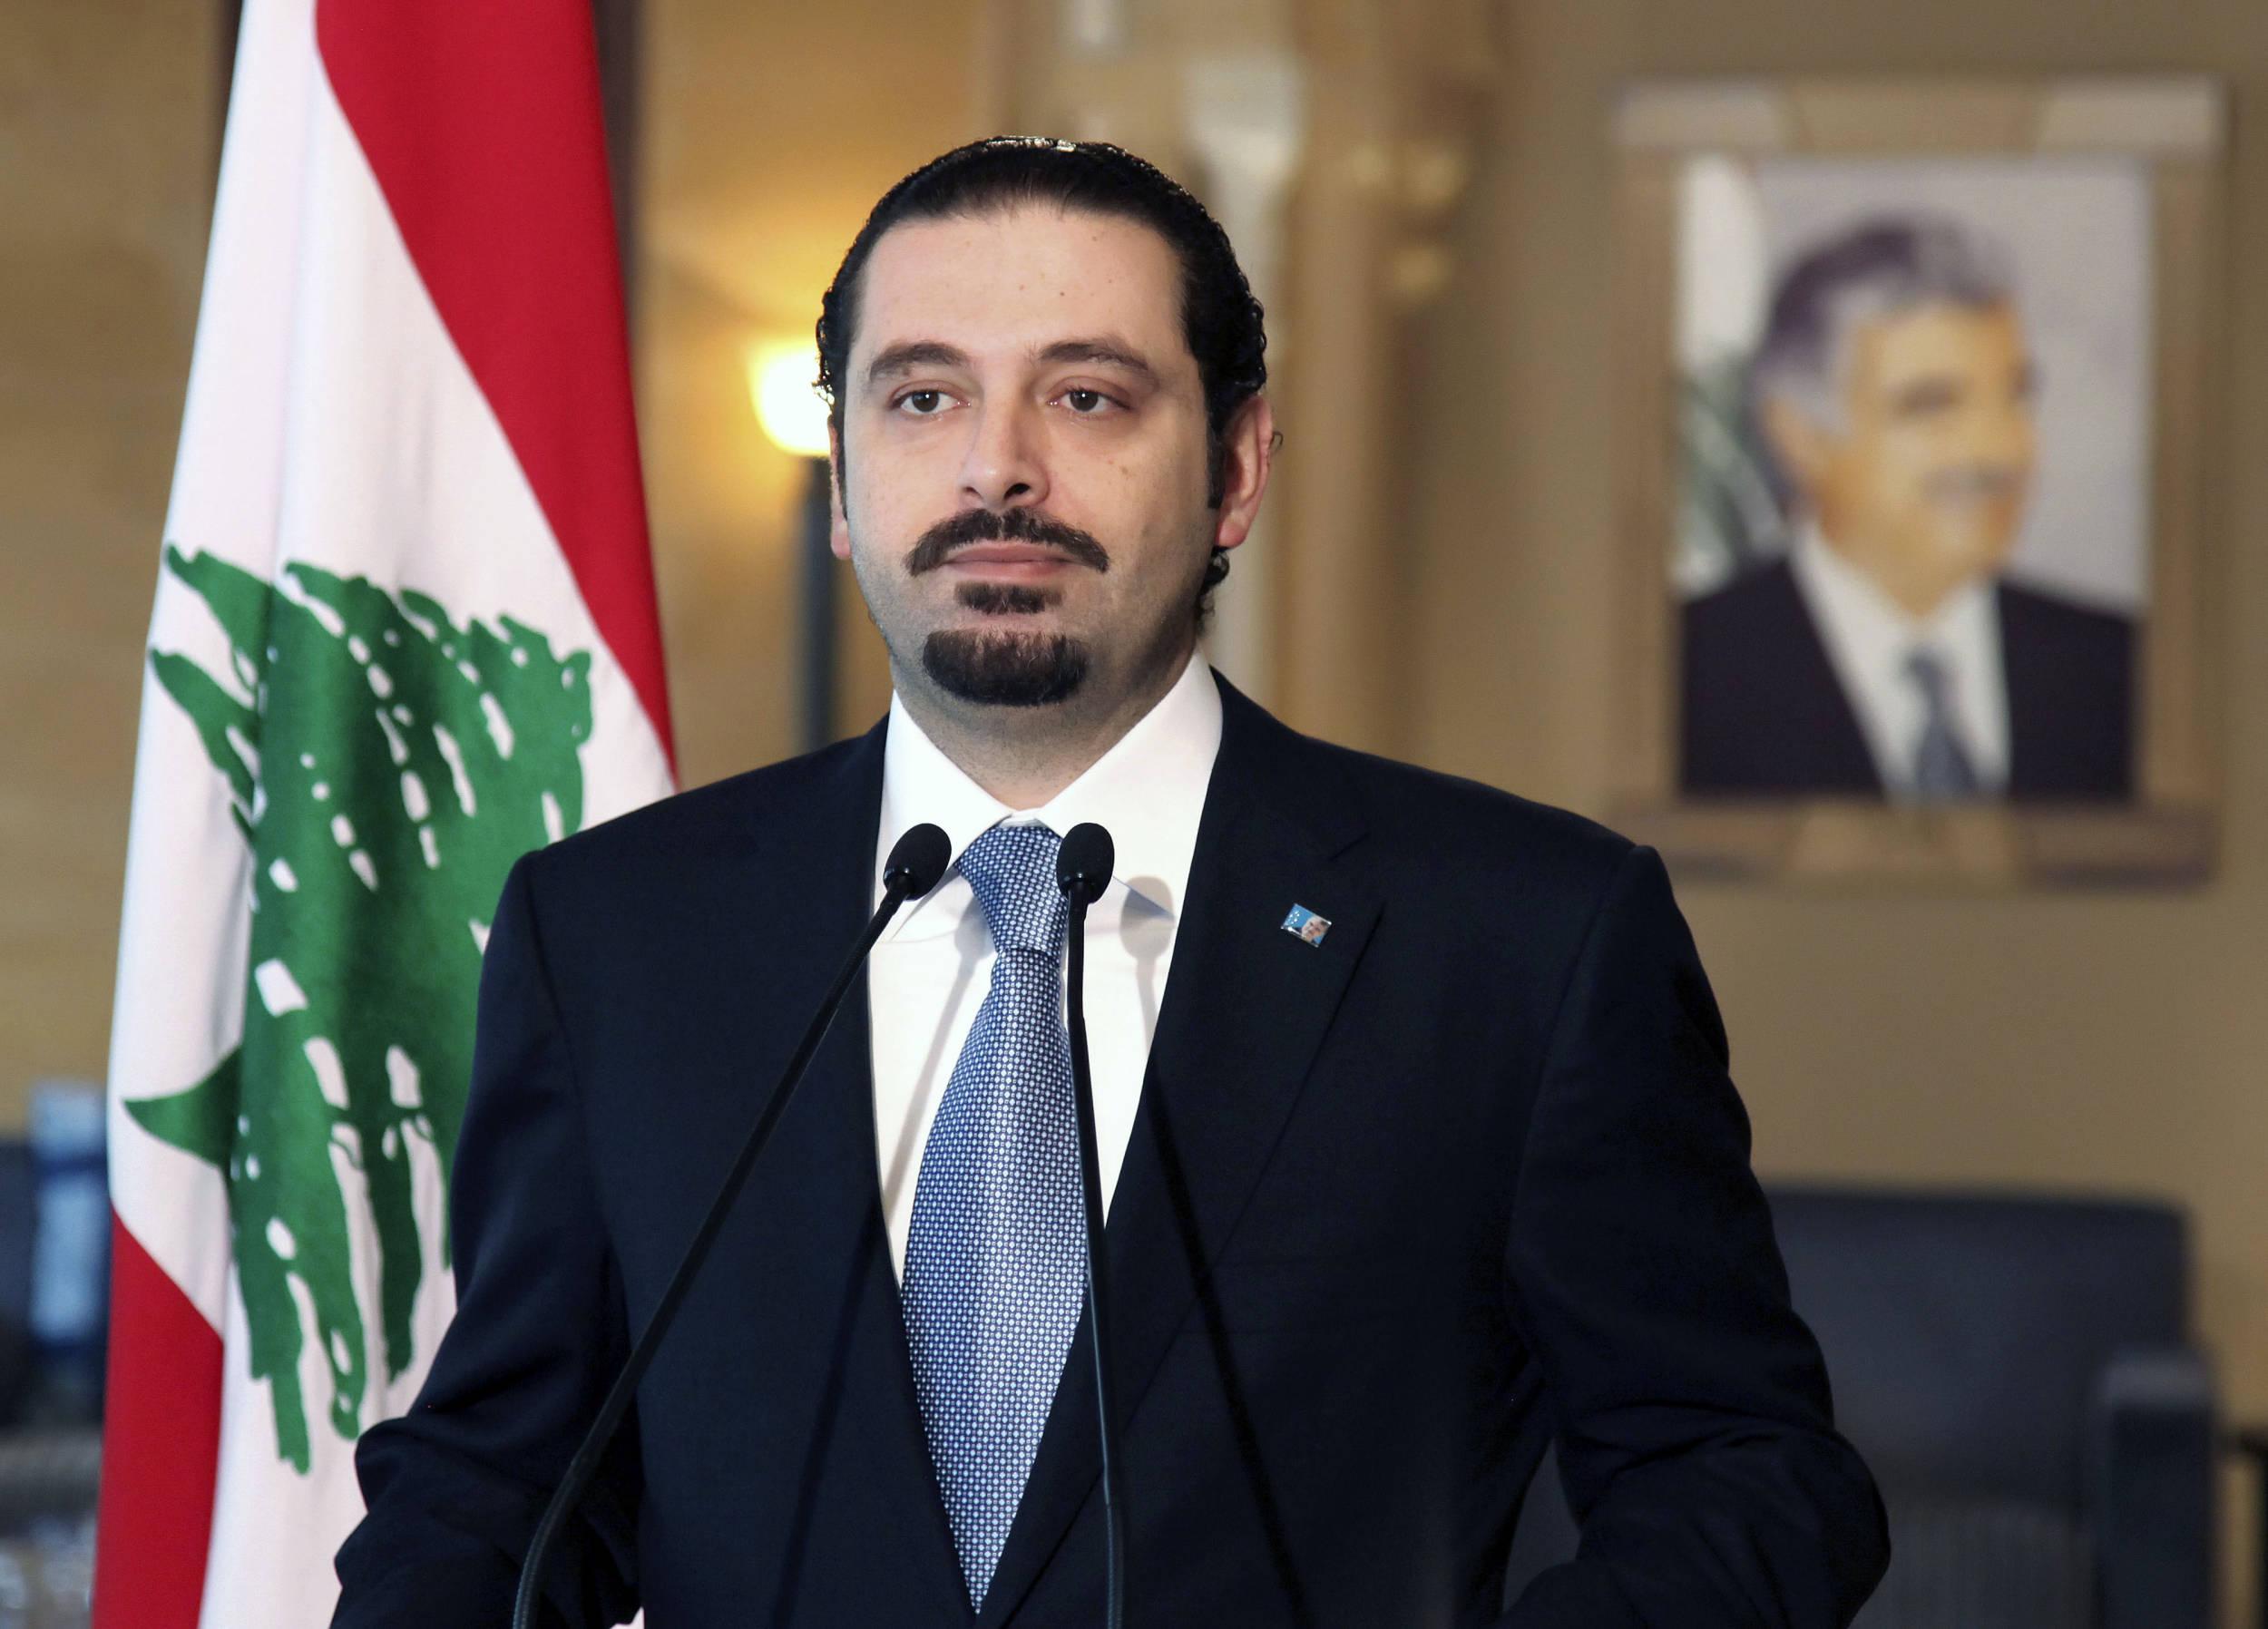 Lübnan'da hükümeti kurma görevi yeniden Hariri'ye verildi